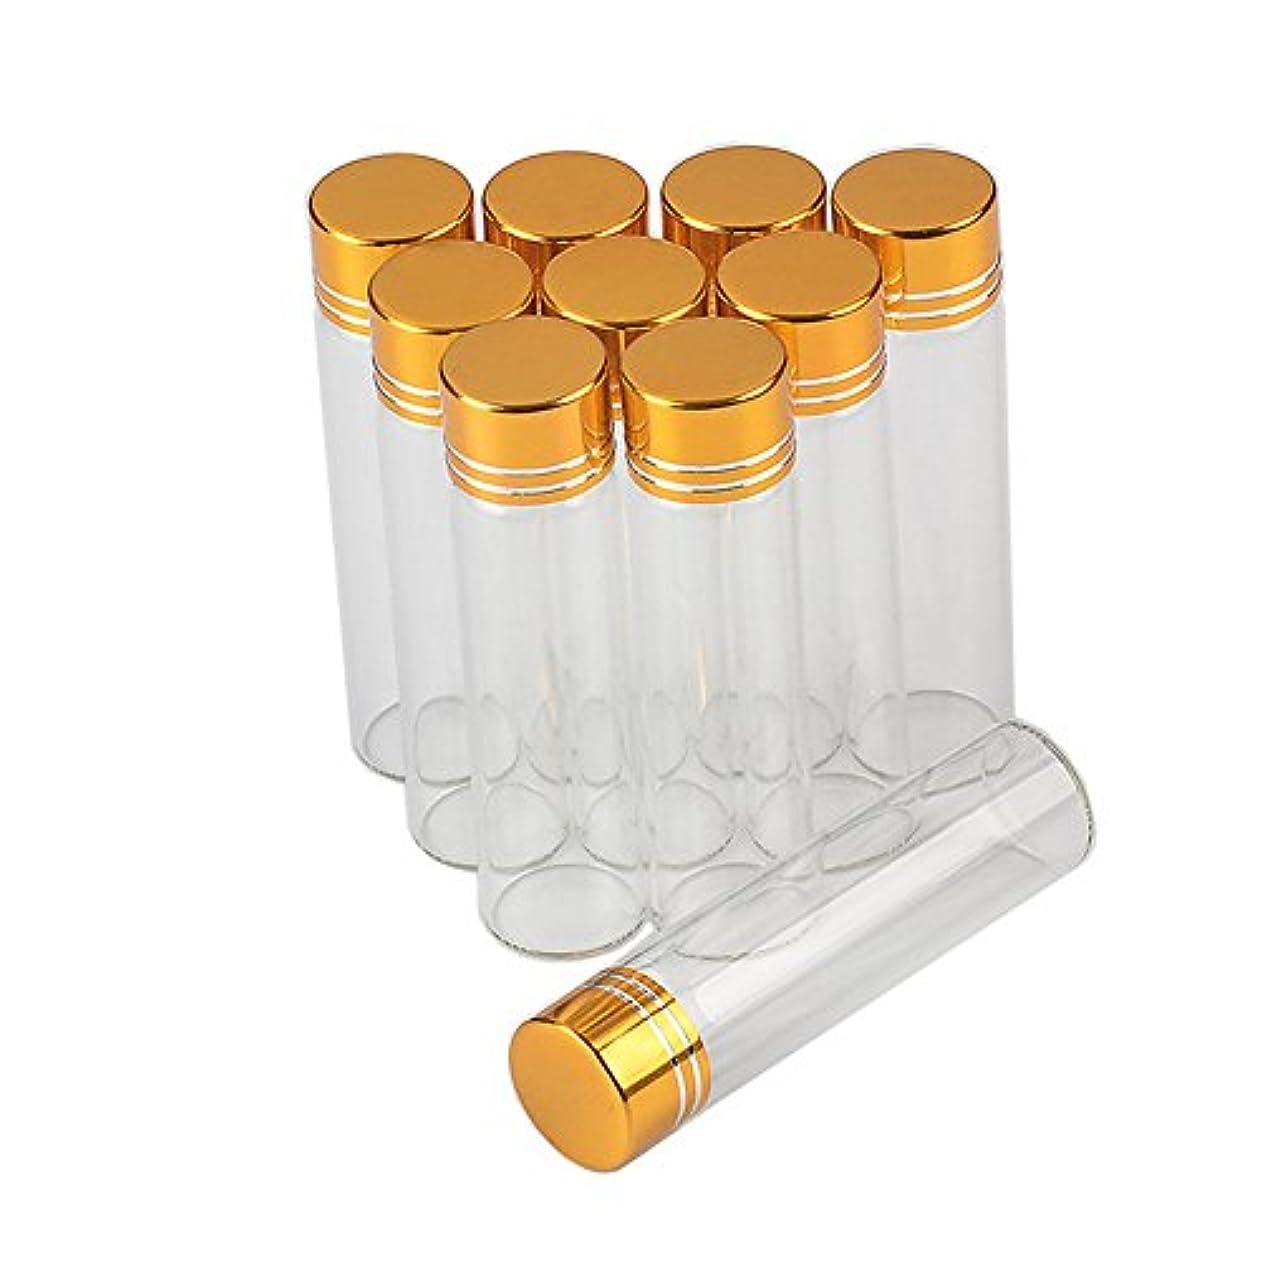 複雑不要変色する6ml 金色のキャップ さなガラスの瓶透明なガラス食品用のガラス瓶2018新100個セット (6ml-16x60x06, 金色のキャップ)